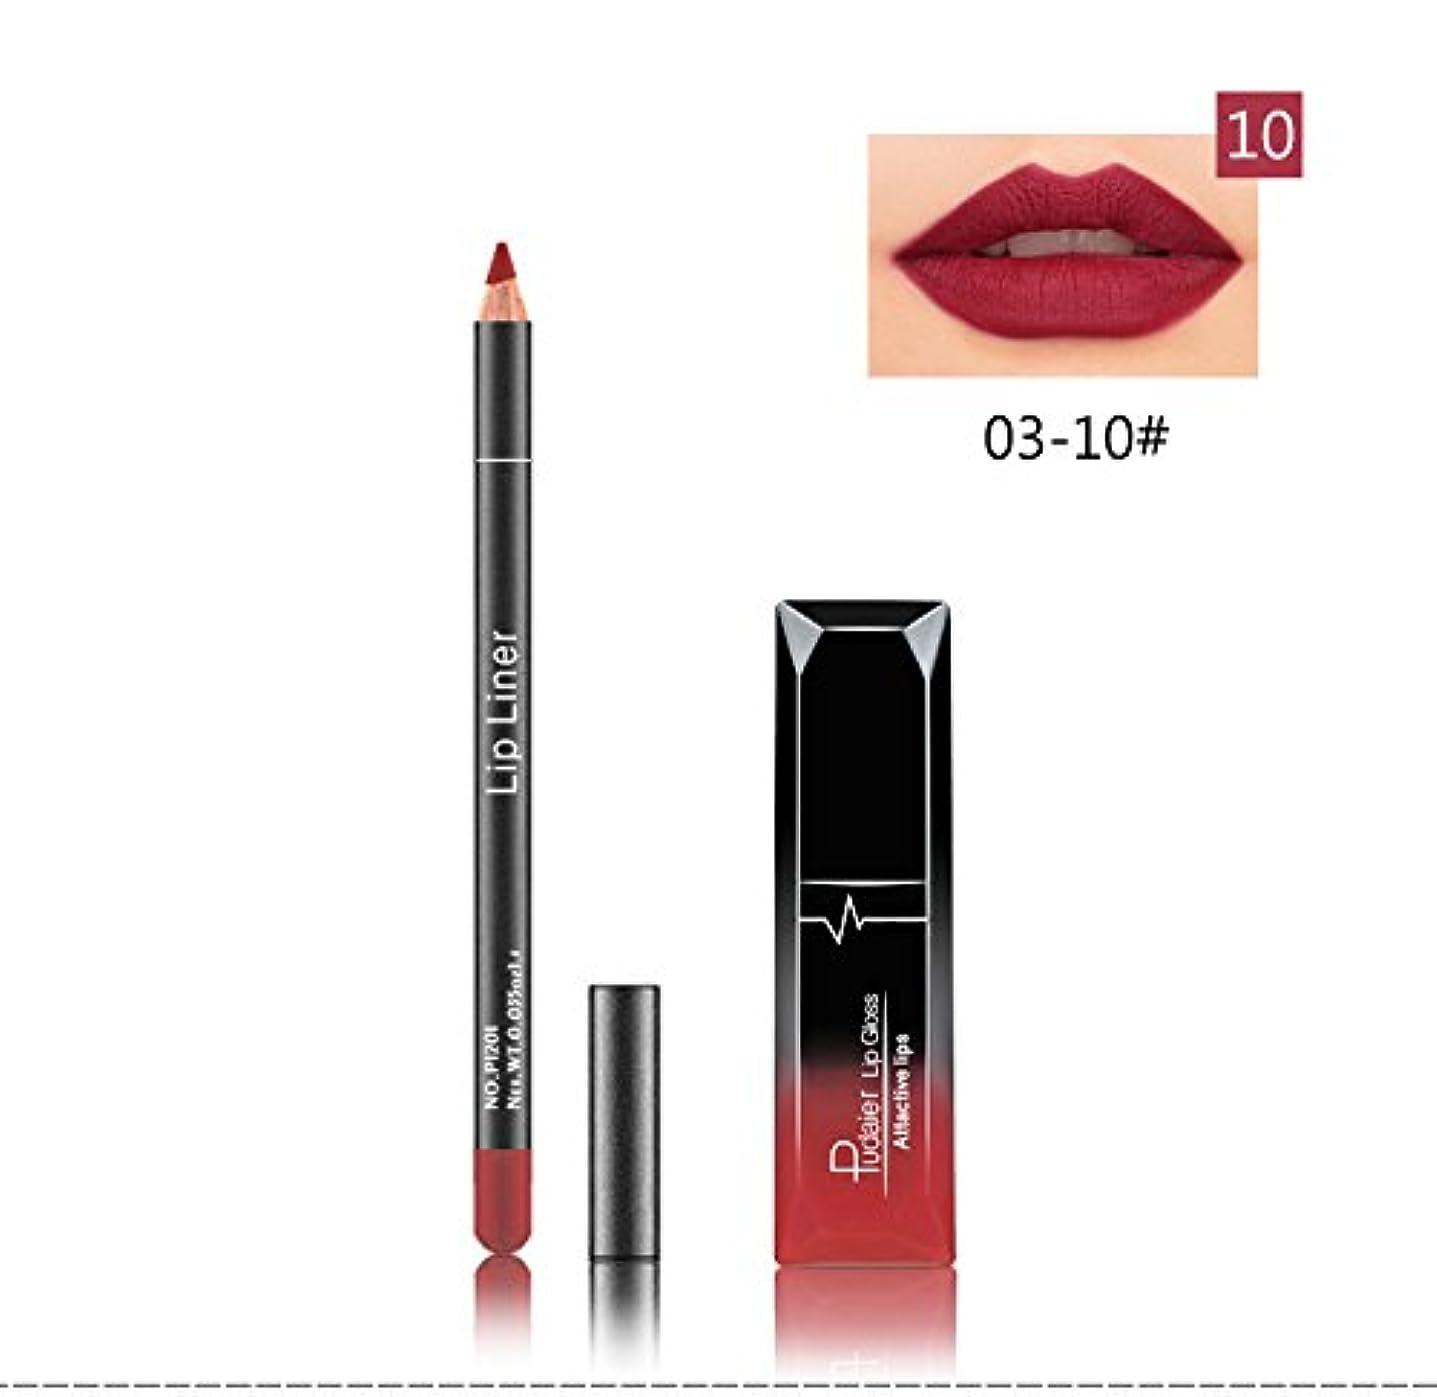 意識テレマコス奨学金(10) Pudaier 1pc Matte Liquid Lipstick Cosmetic Lip Kit+ 1 Pc Nude Lip Liner Pencil MakeUp Set Waterproof Long...